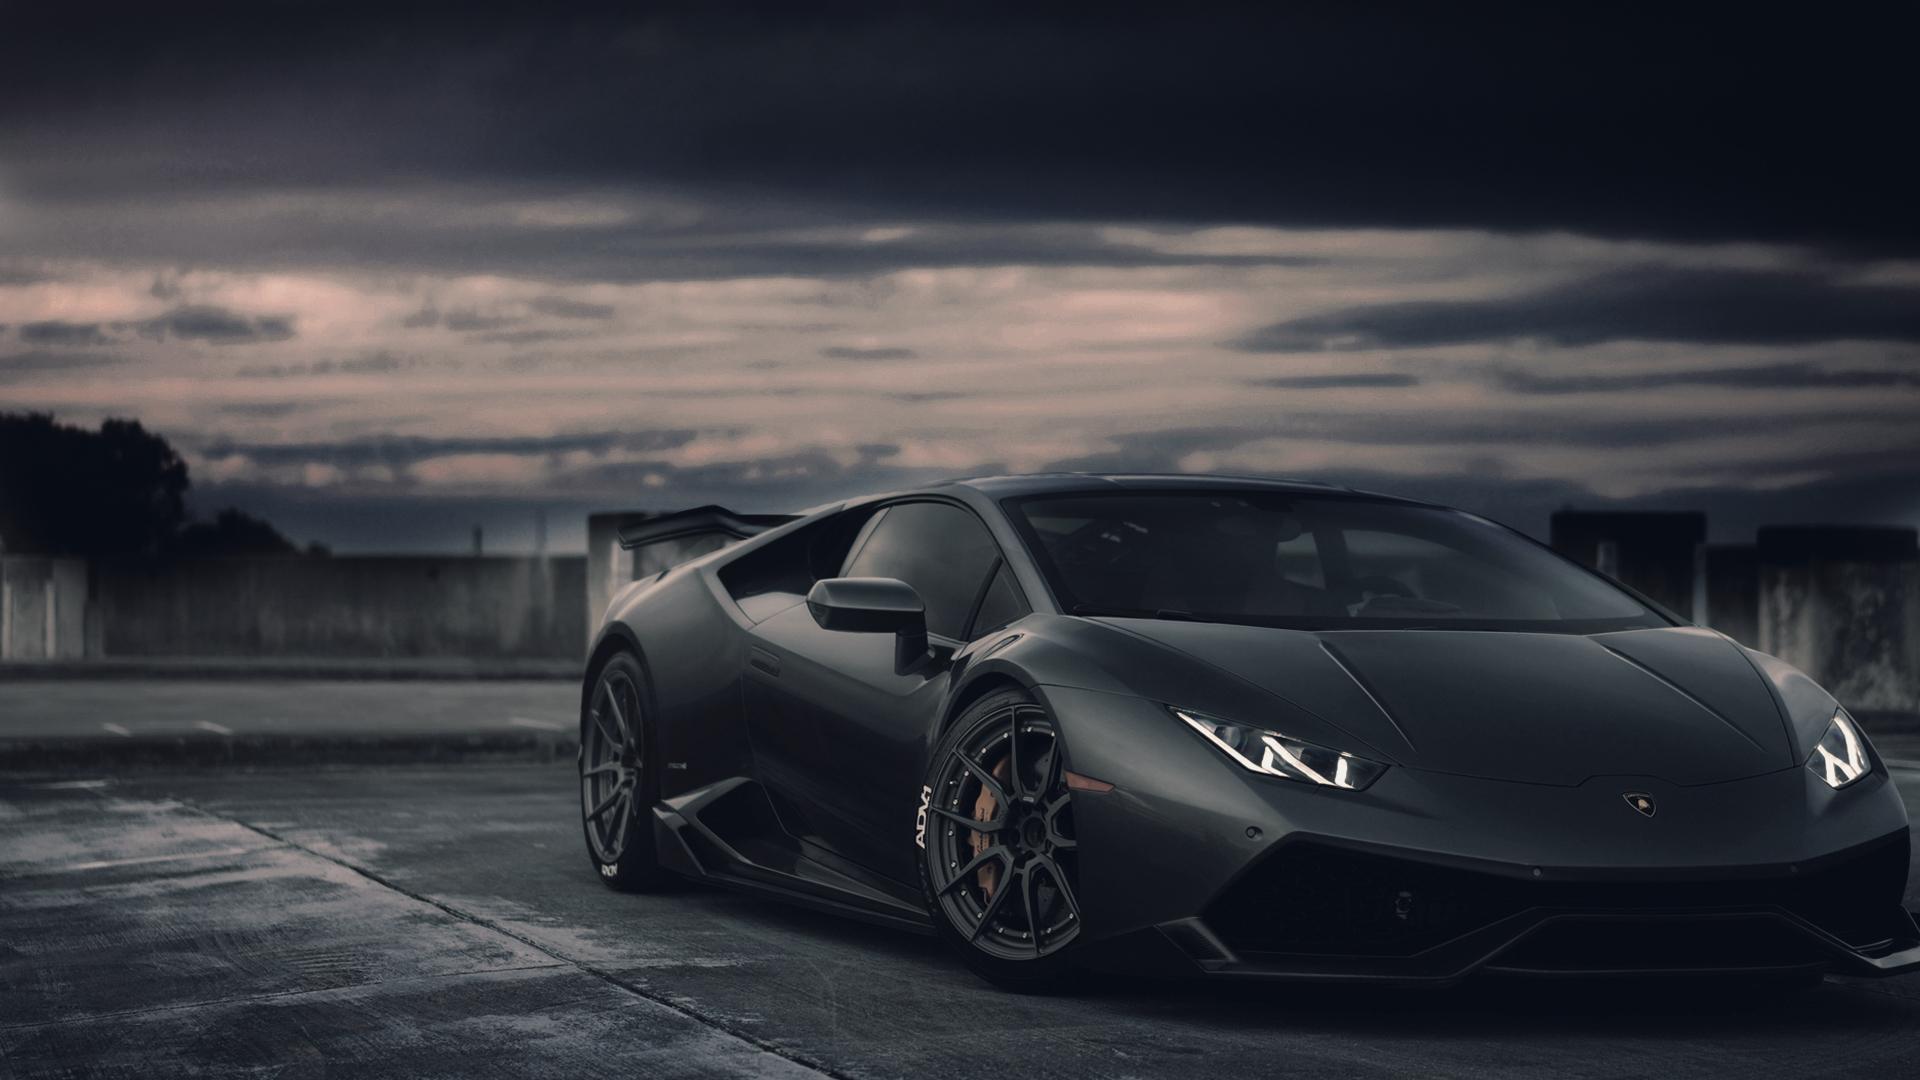 Lamborghini Huracan Fondo De Pantalla Hd Fondo De